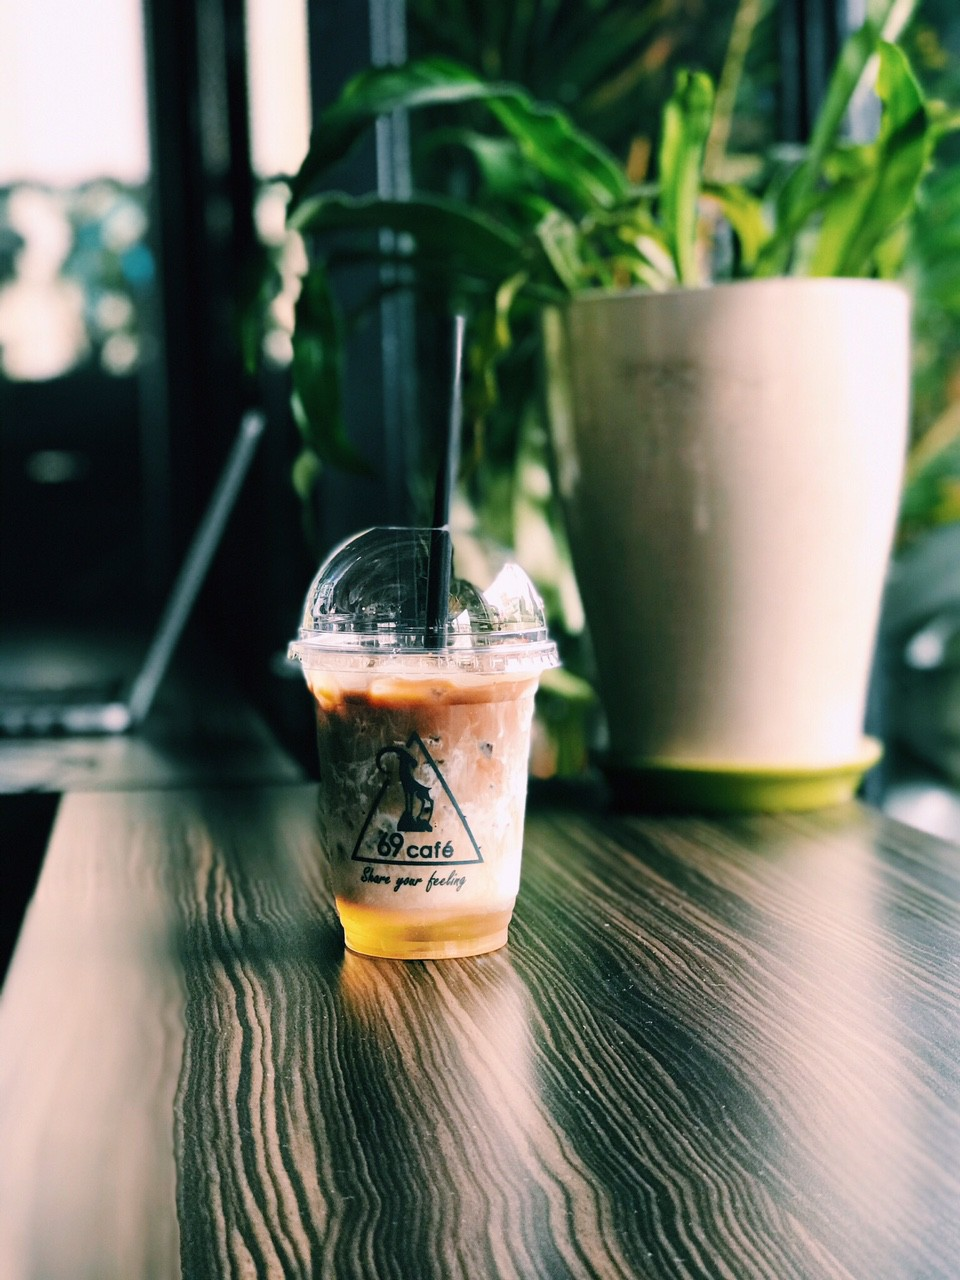 Cafe 69 - Địa điểm check-in mới cho giới trẻ ở Sài Gòn - Ảnh 4.